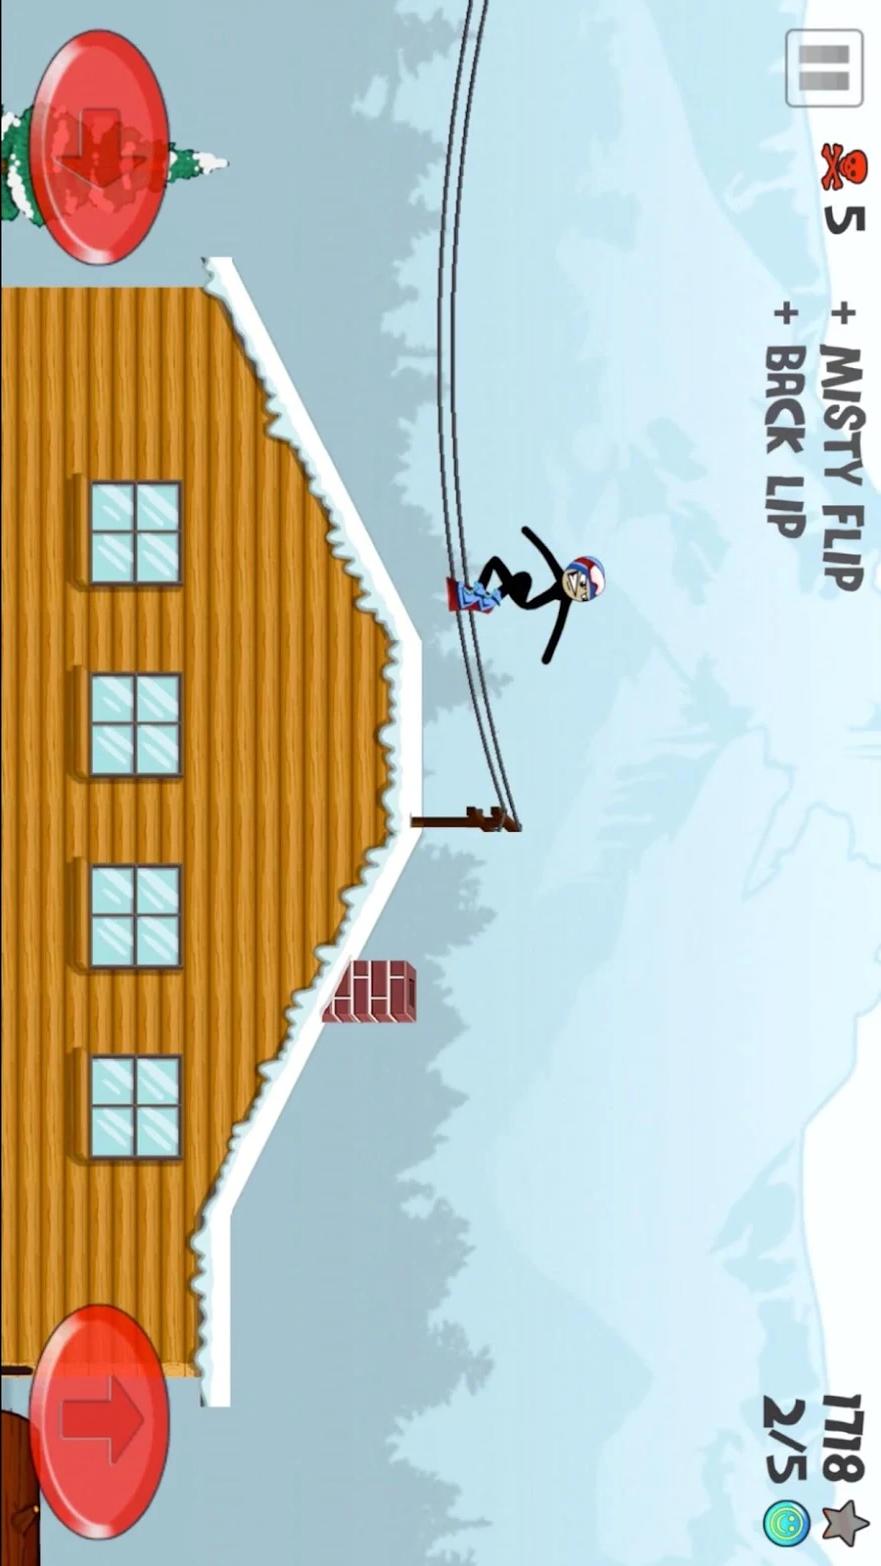 火柴人滑雪游戏截图